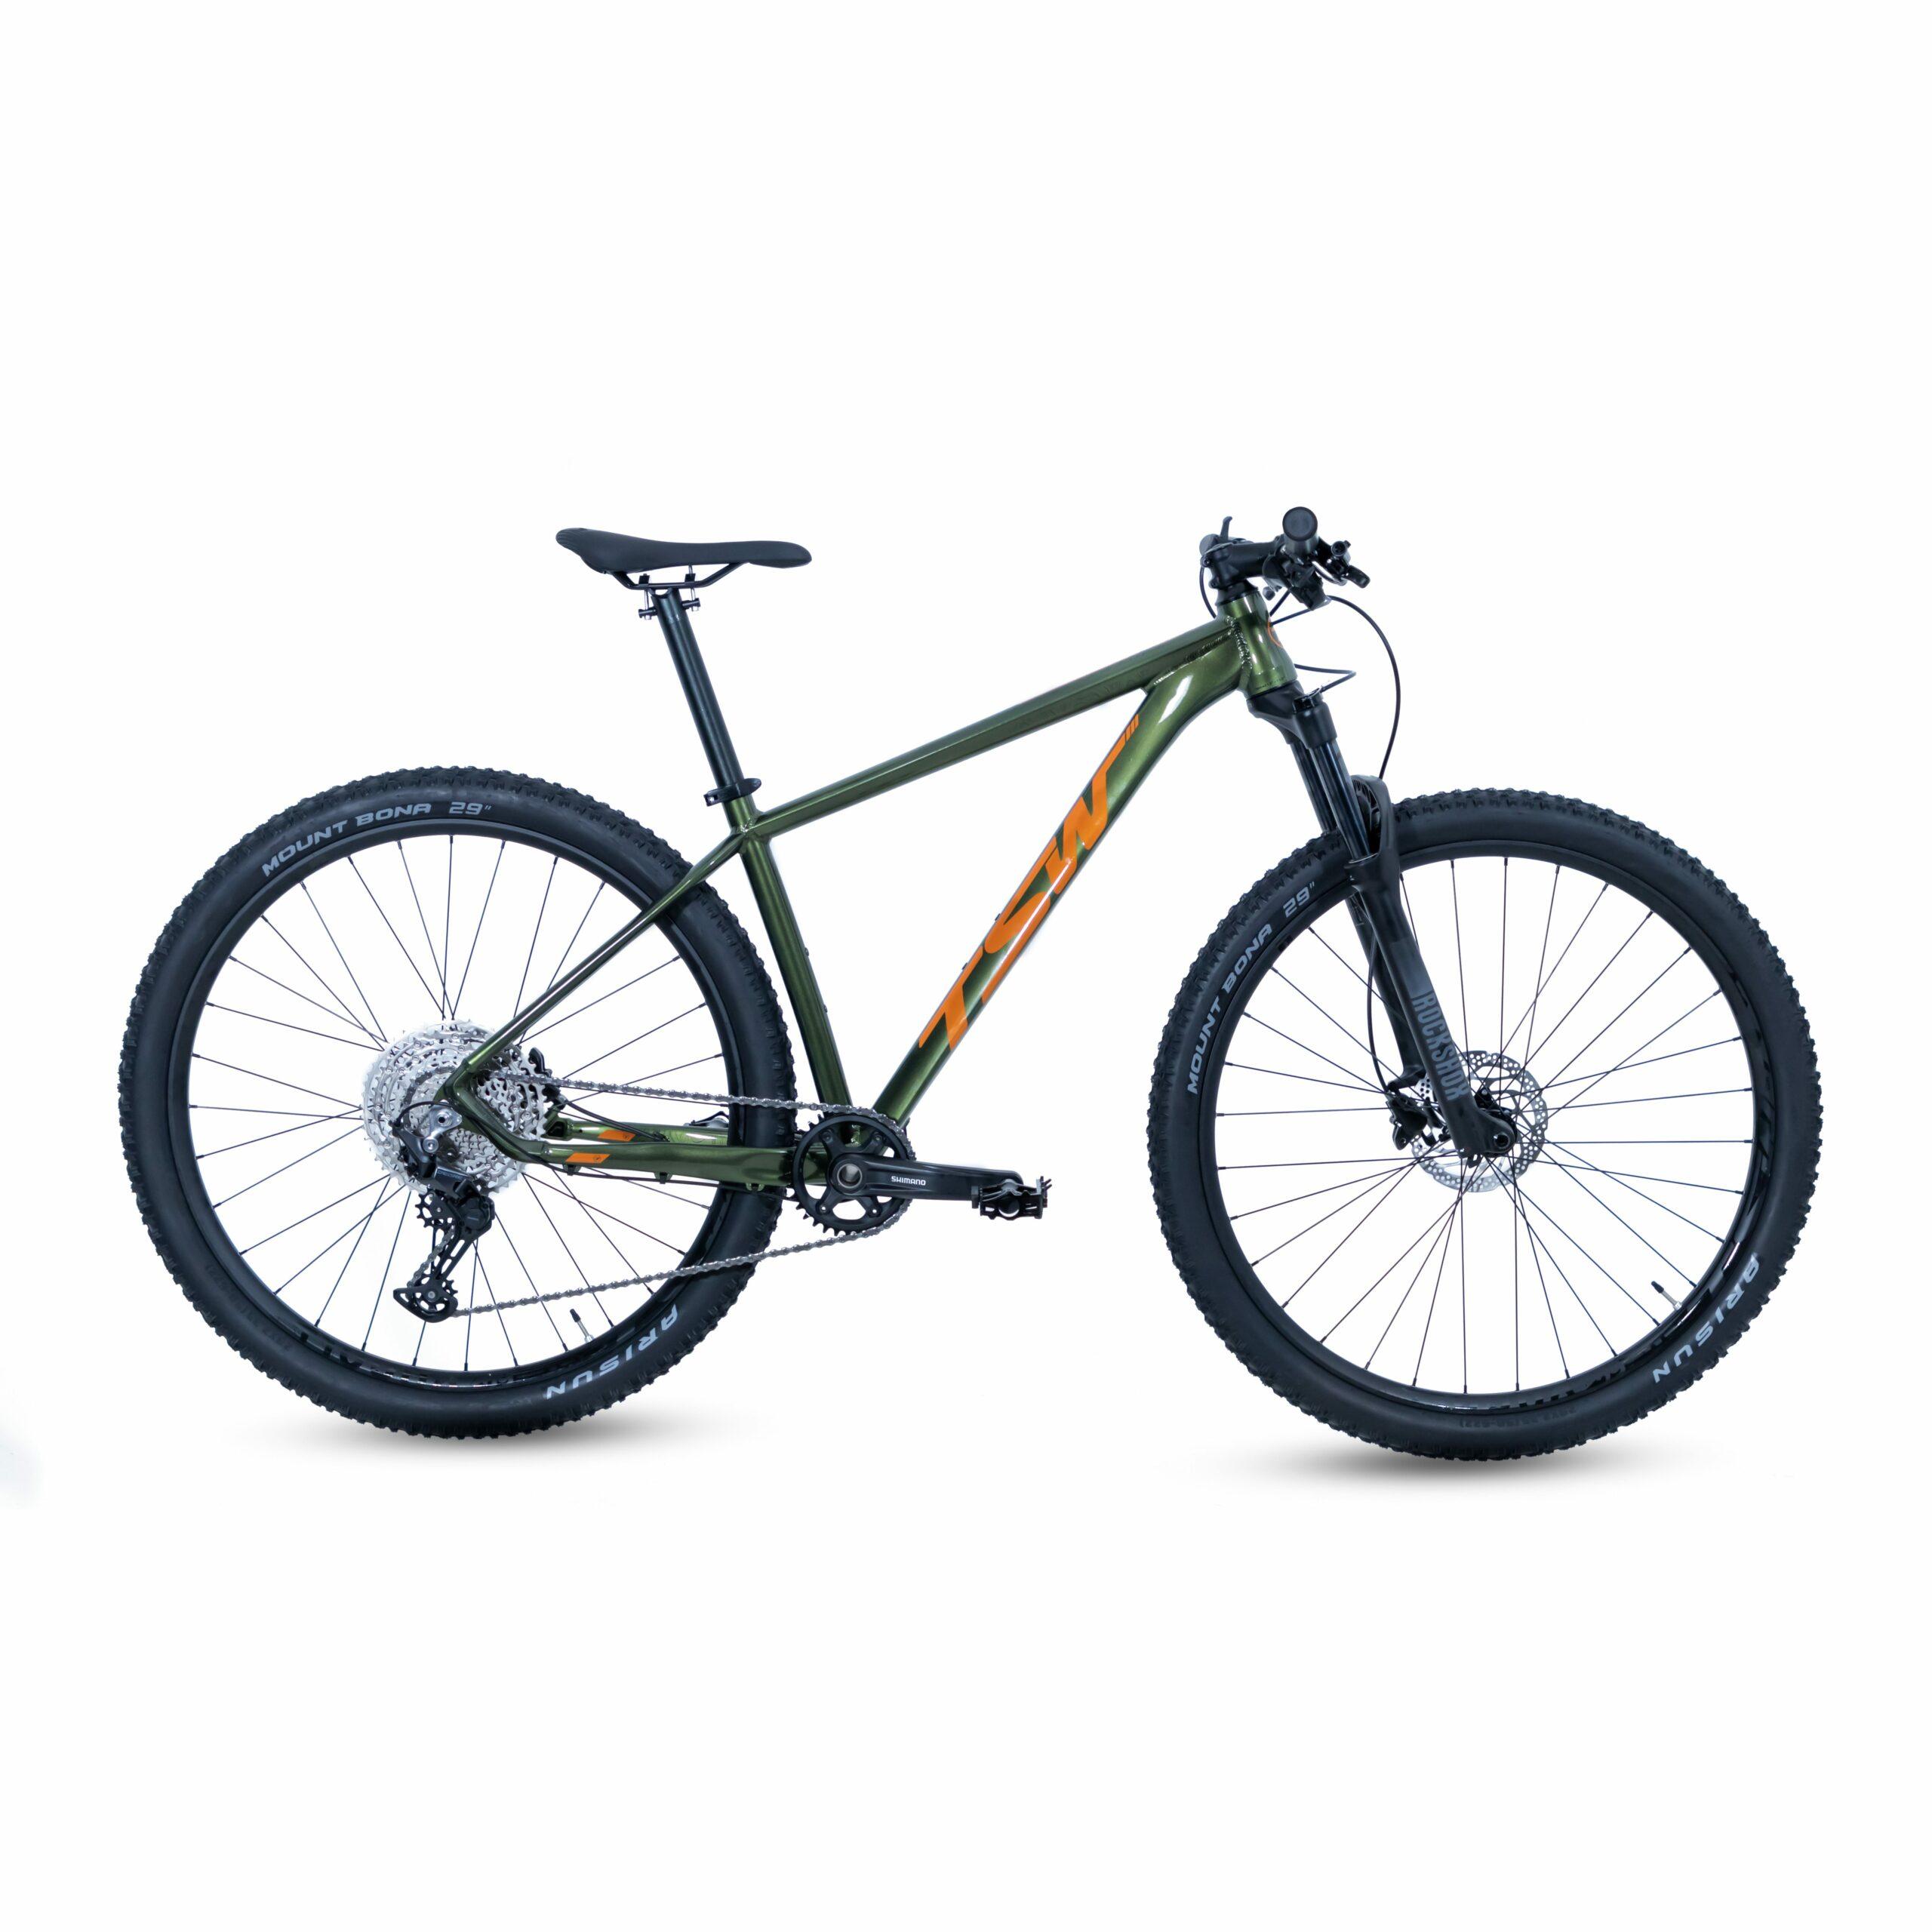 Bicicleta TSW Yukon | SH-12 | 2021/2022 5